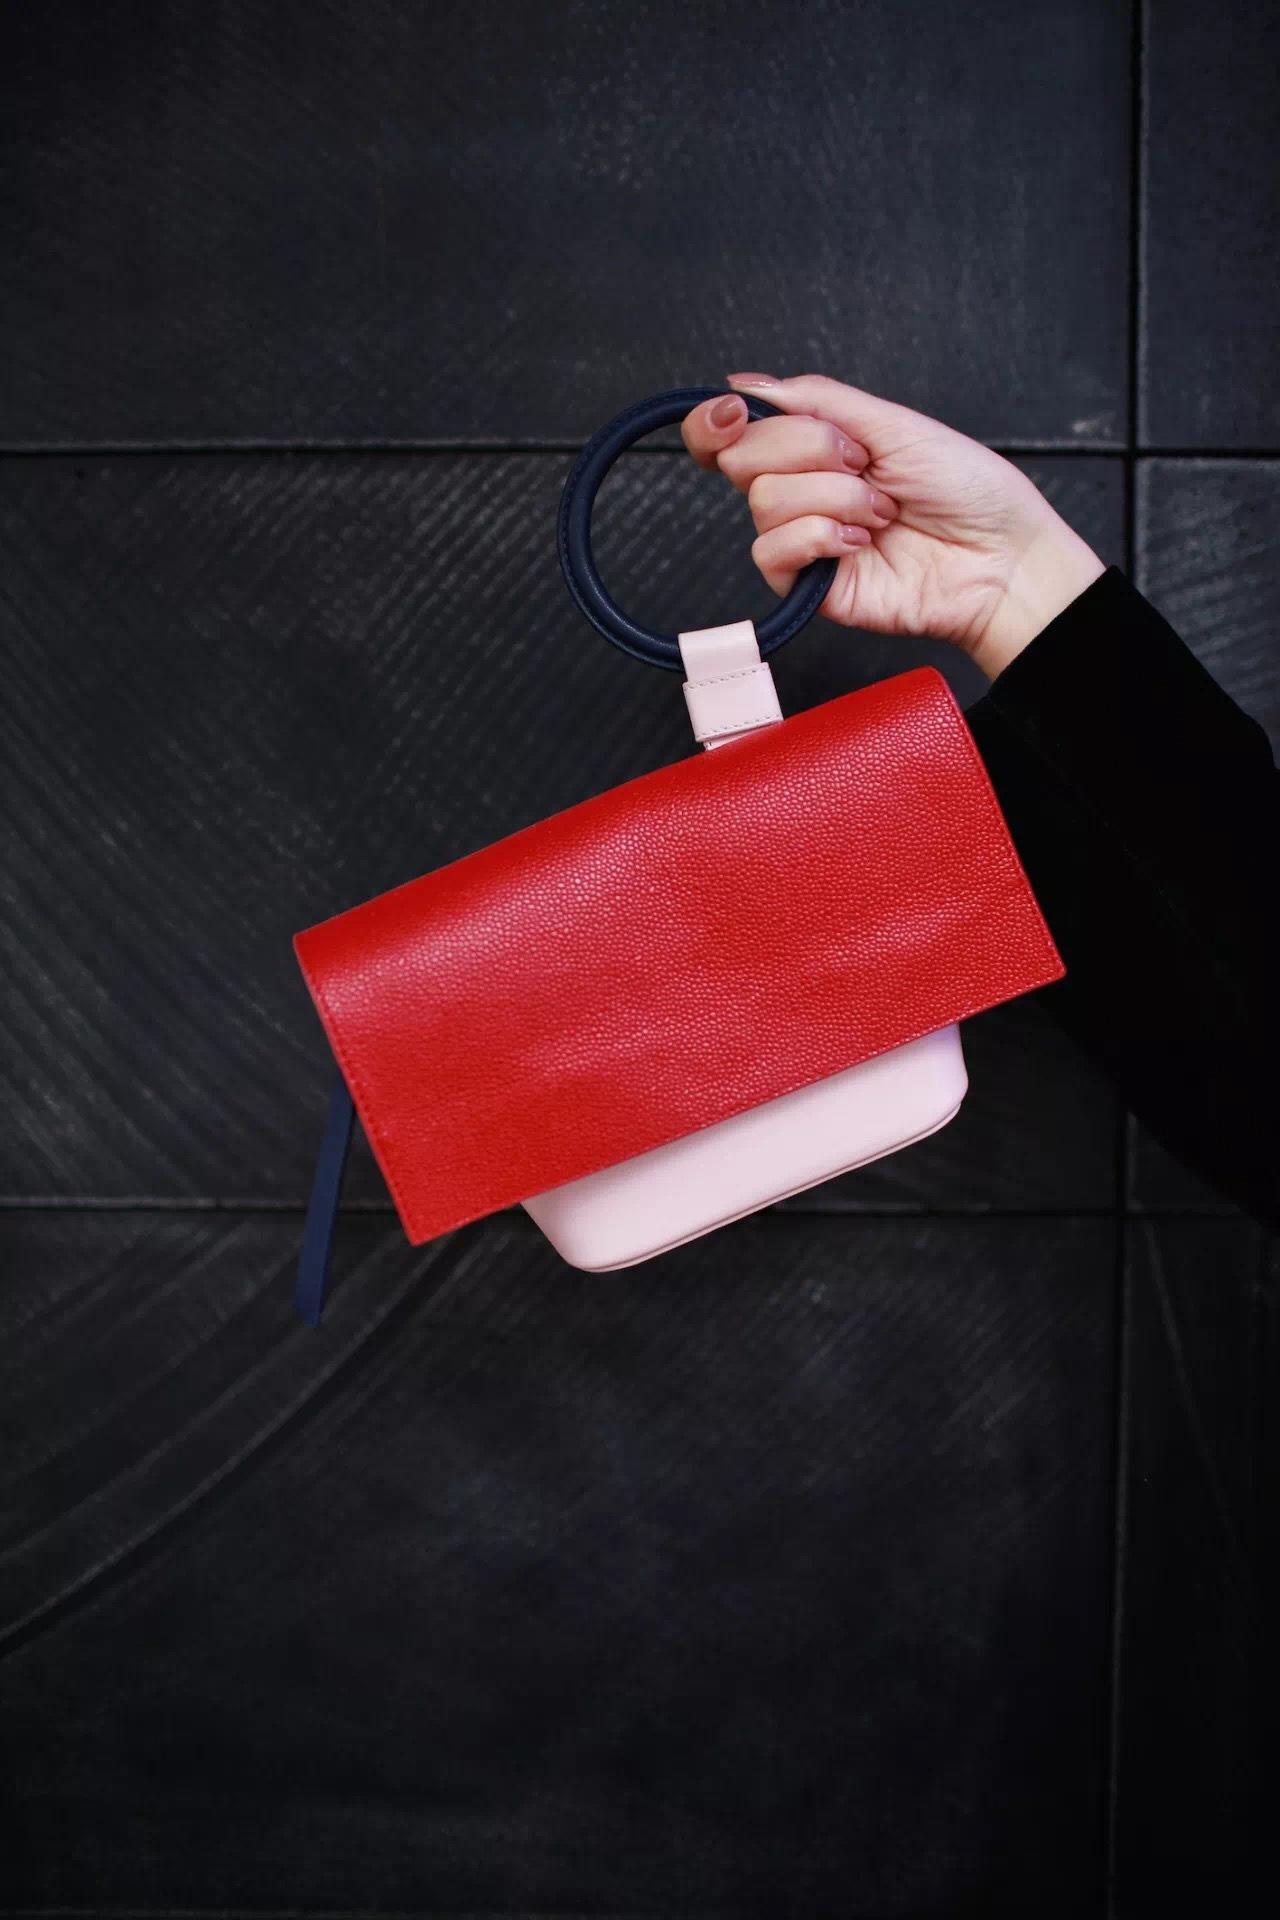 大小姐衣橱︱冬季疑难:基础单品如何穿出时髦感?